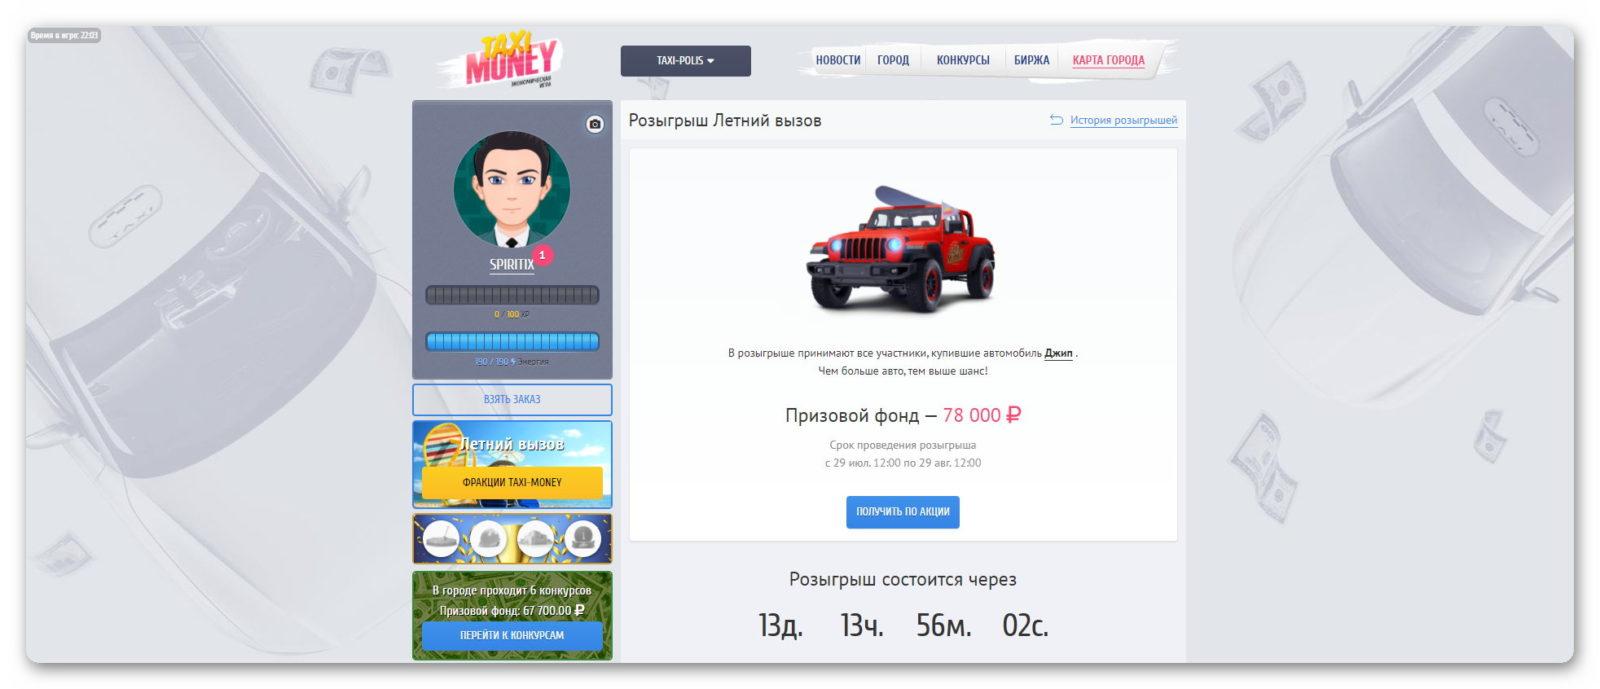 Розыгрыши в игре Taxi-Money